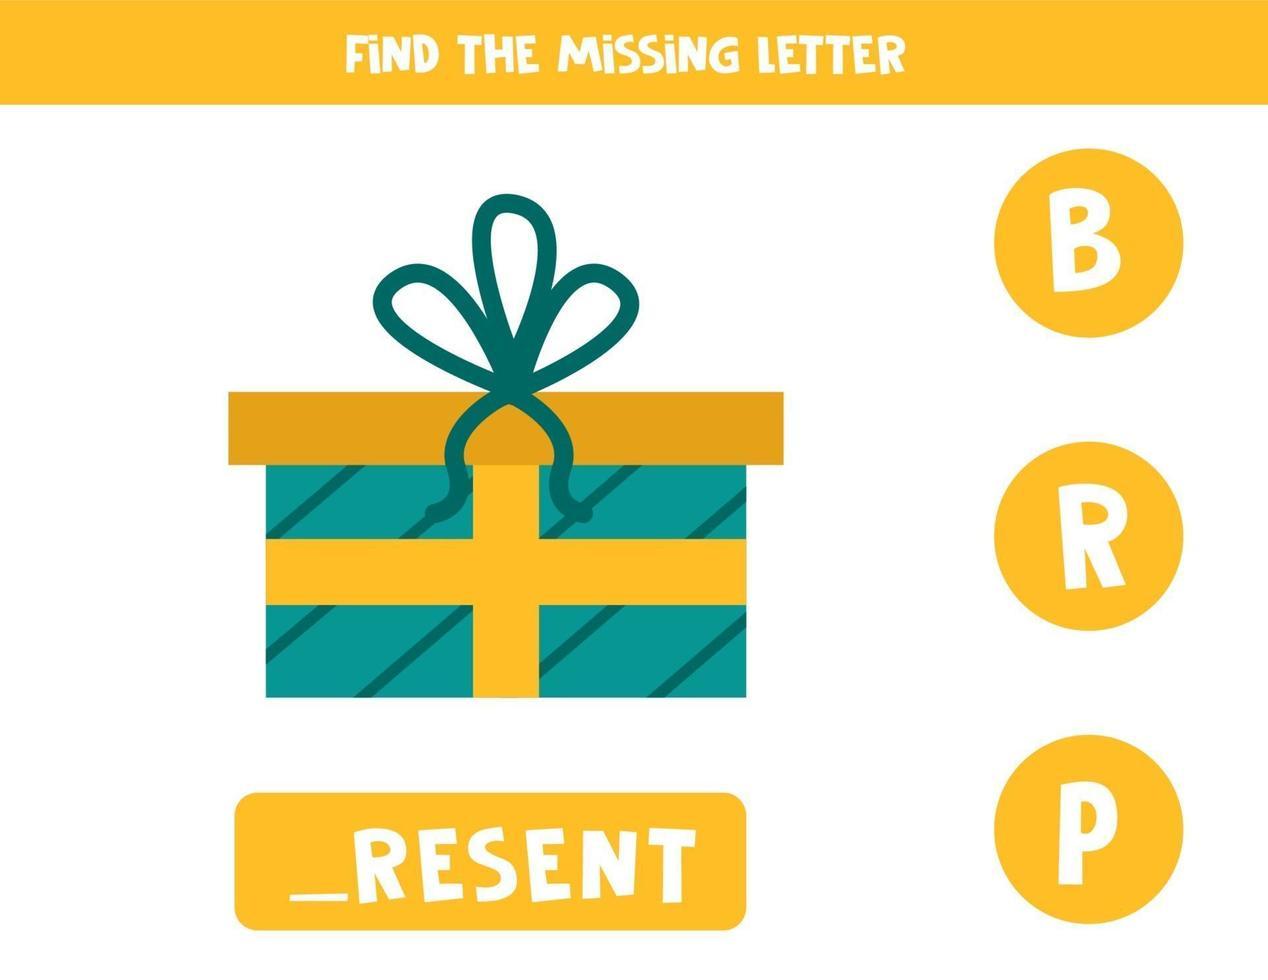 hitta saknad brev. söt tecknad nuvarande låda. vektor